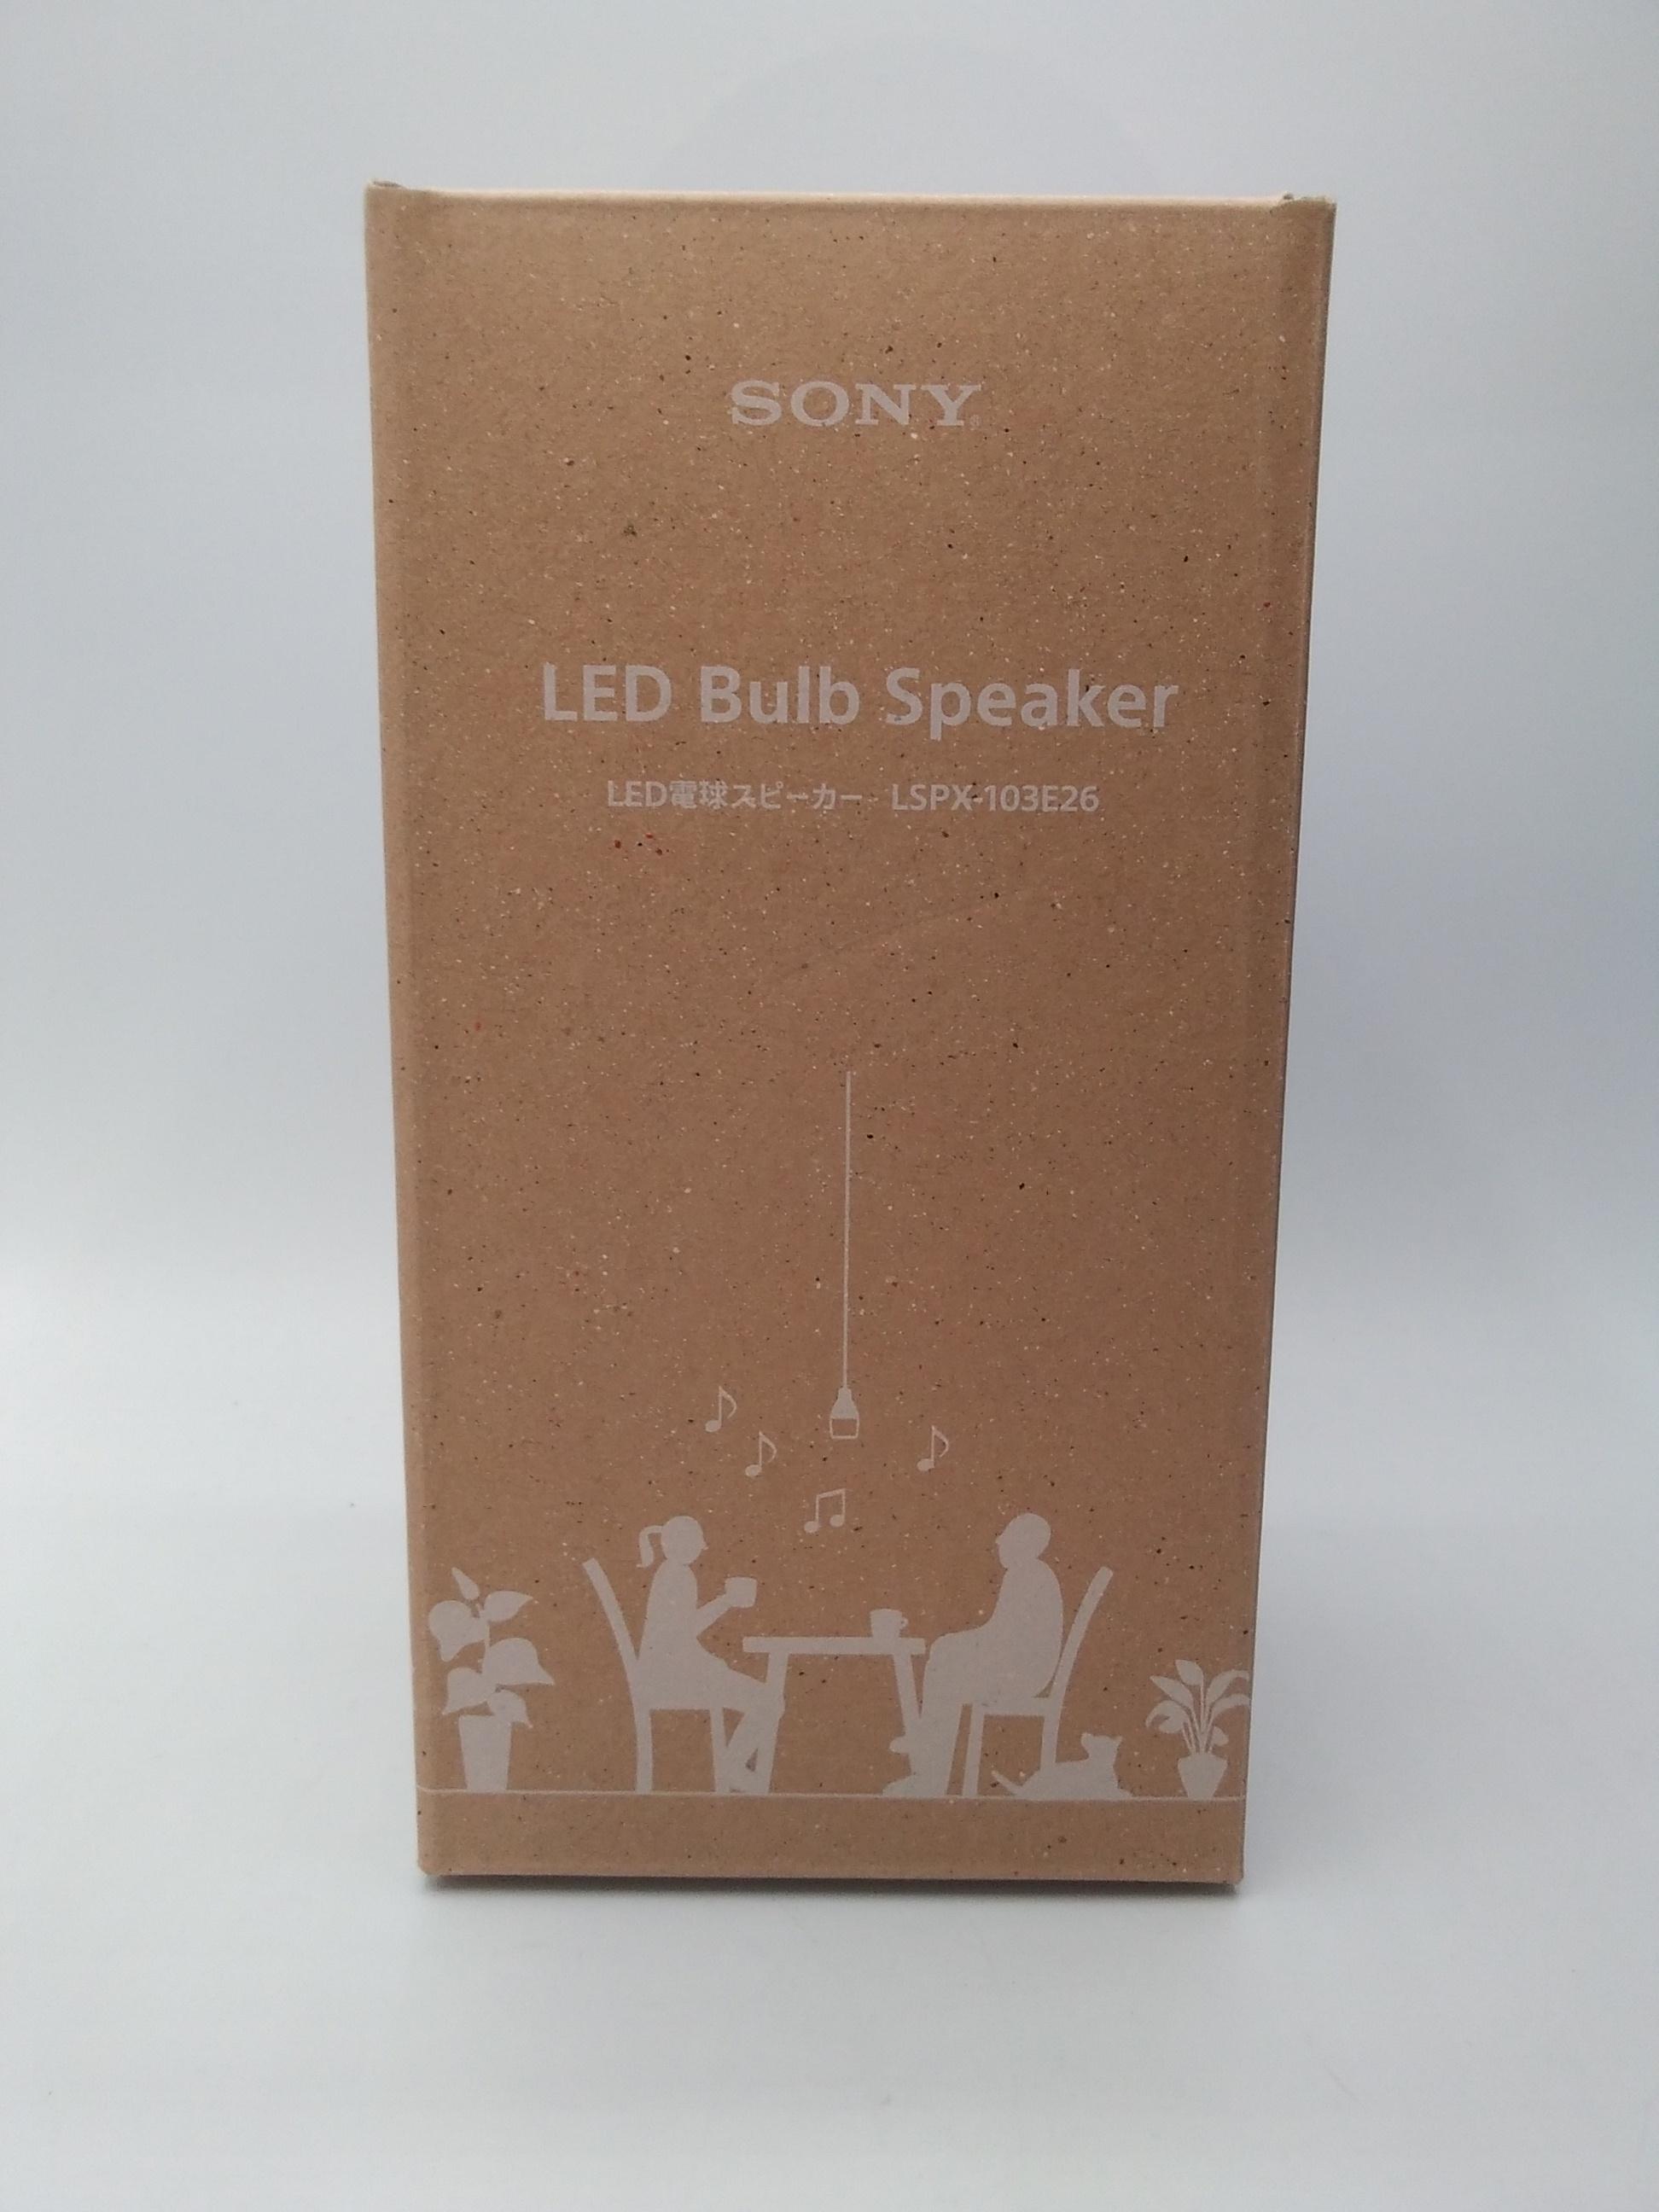 ★未使用品★ LED電球スピーカー|SONY